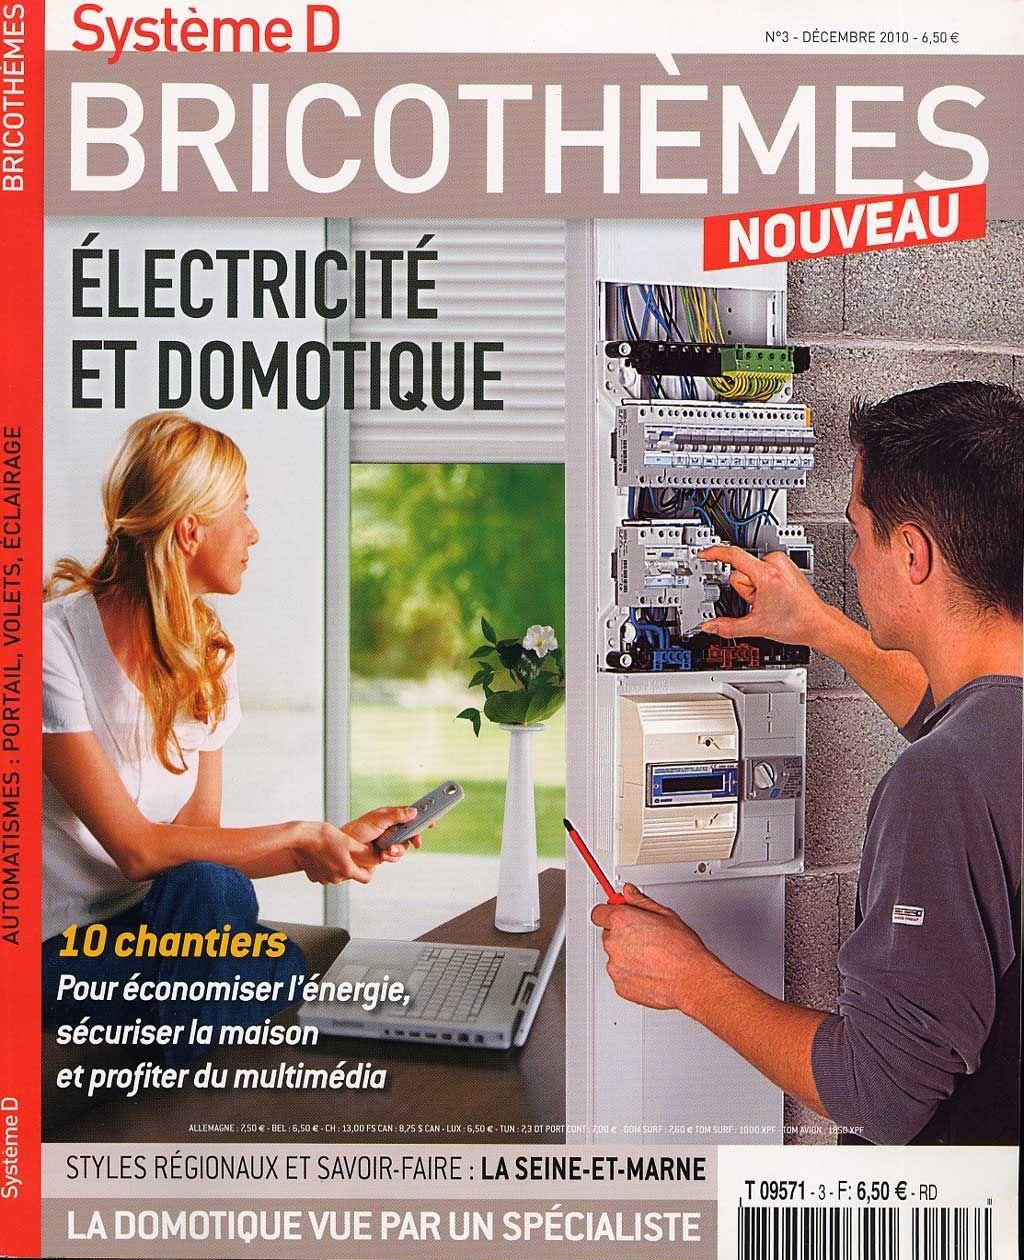 Systemed 01 Couverture Domotique Electricite Chantier